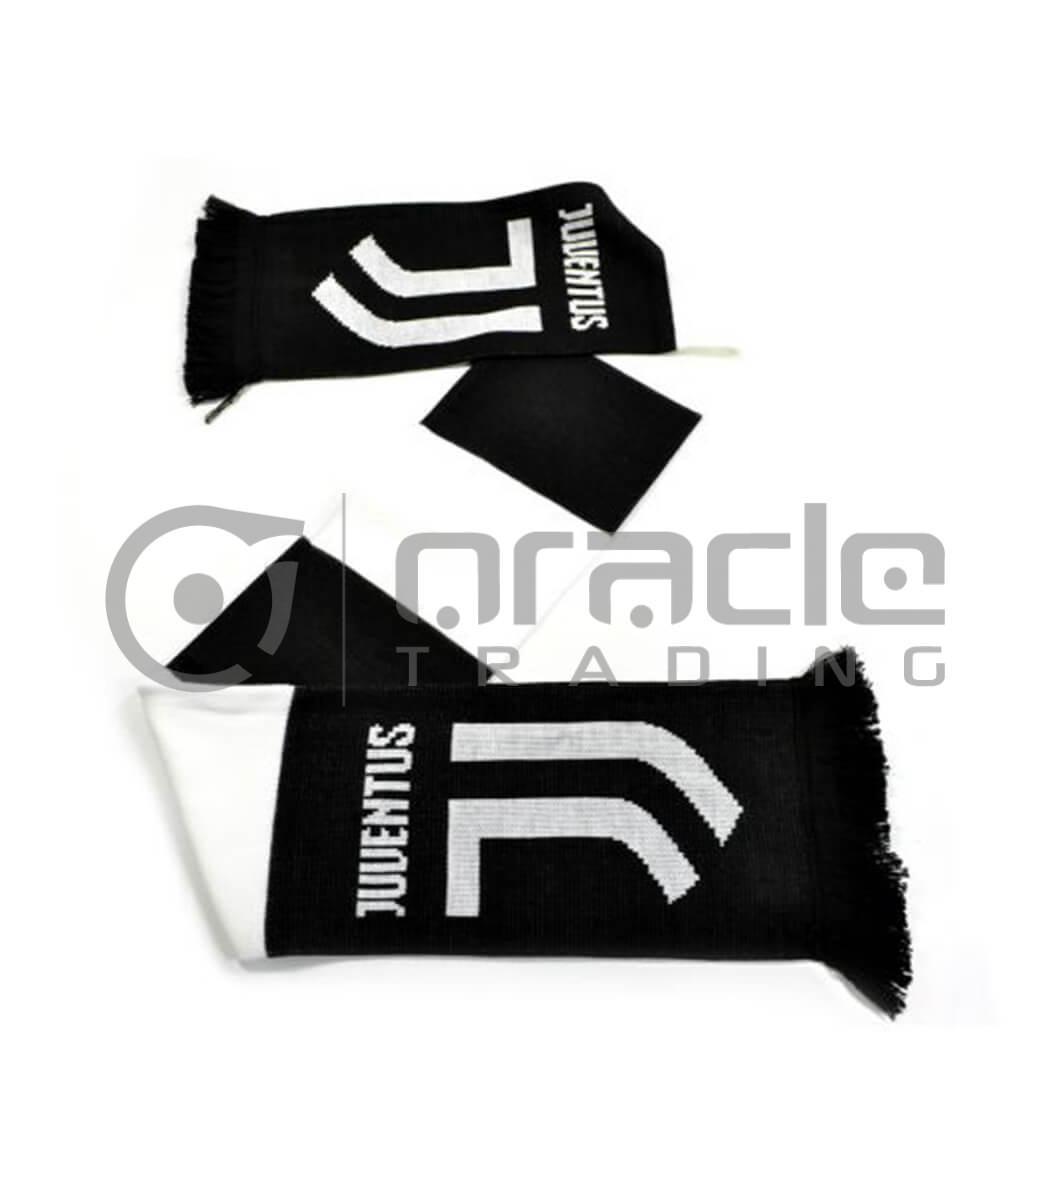 Juventus Knitted Scarf - UK Made (White)